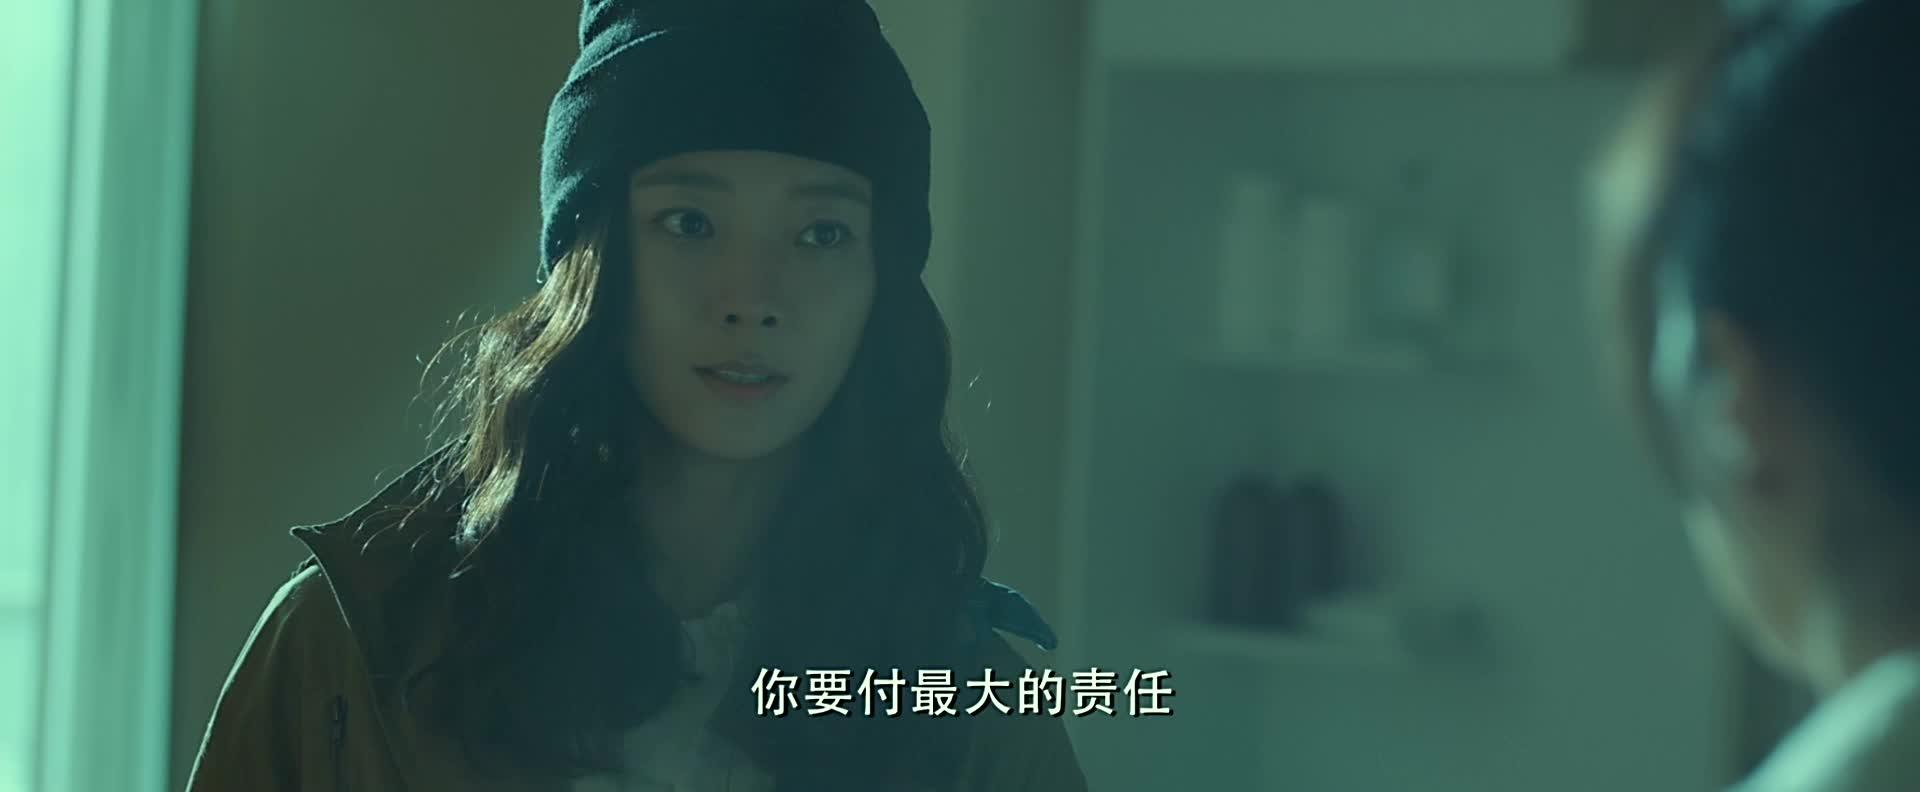 女子间接害了姑妈,桂香很伤心,很生气